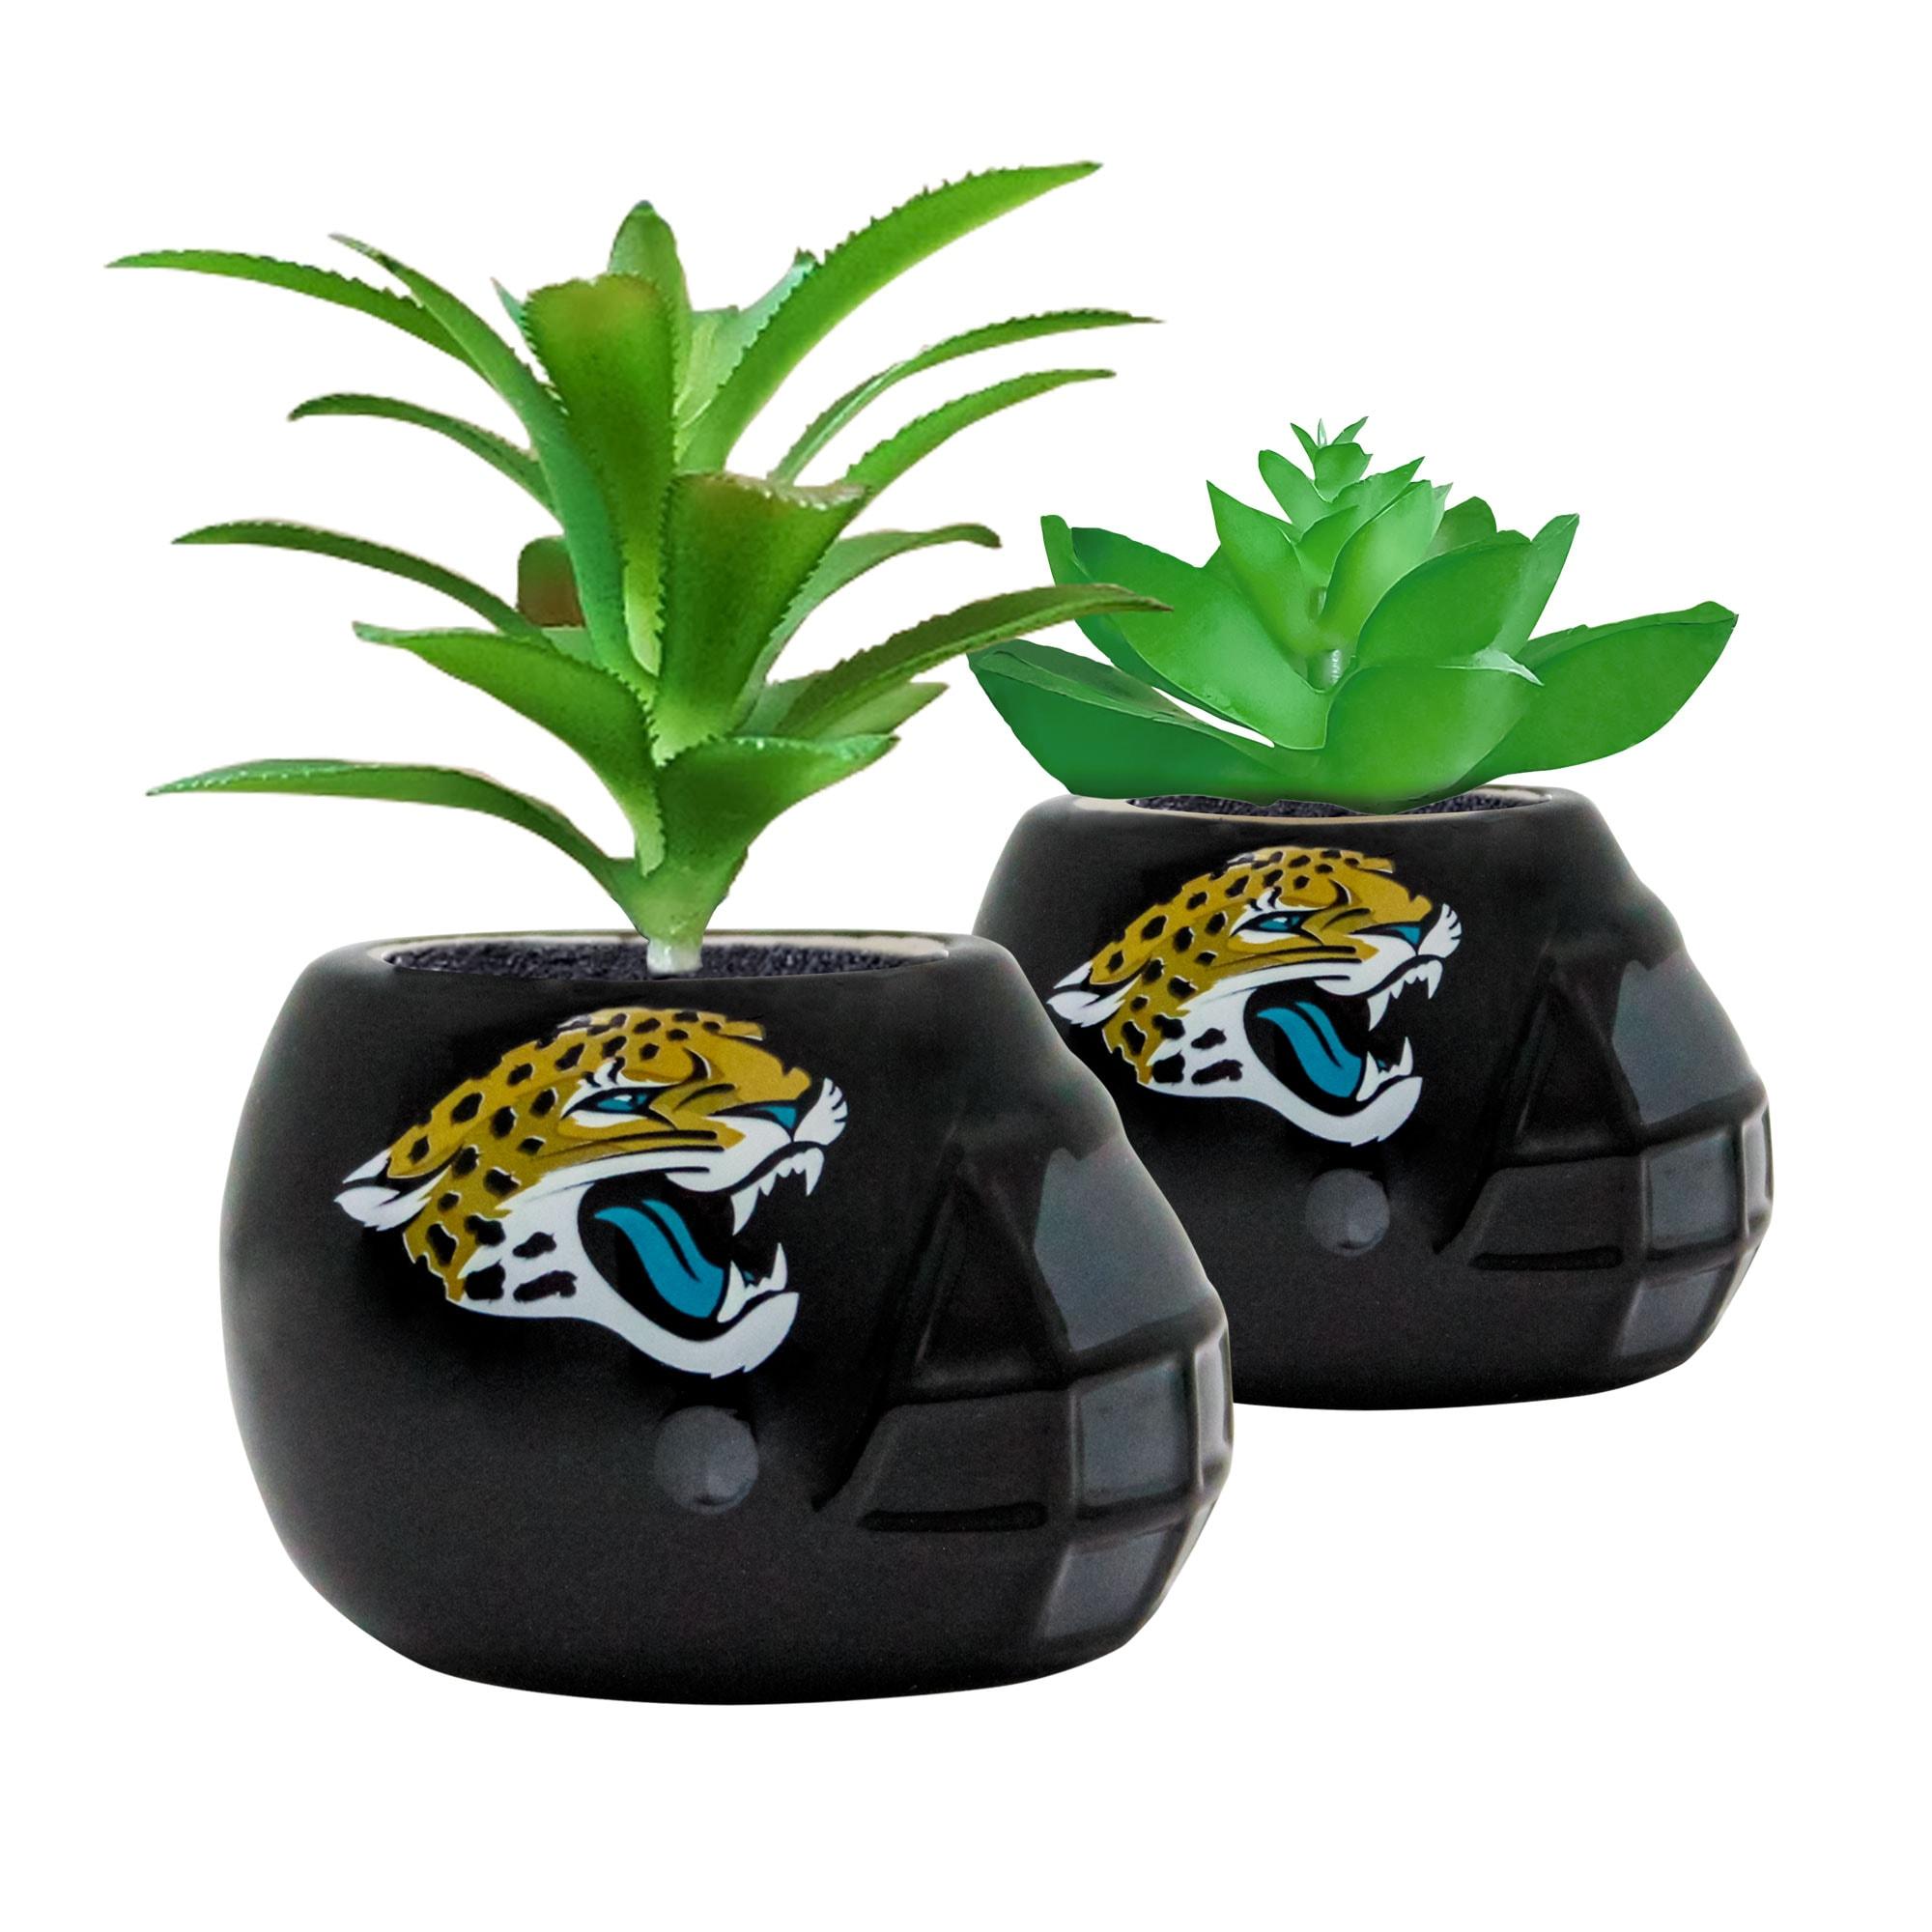 Jacksonville Jaguars 2-Piece Ceramic Helmet with Faux Succulent Set